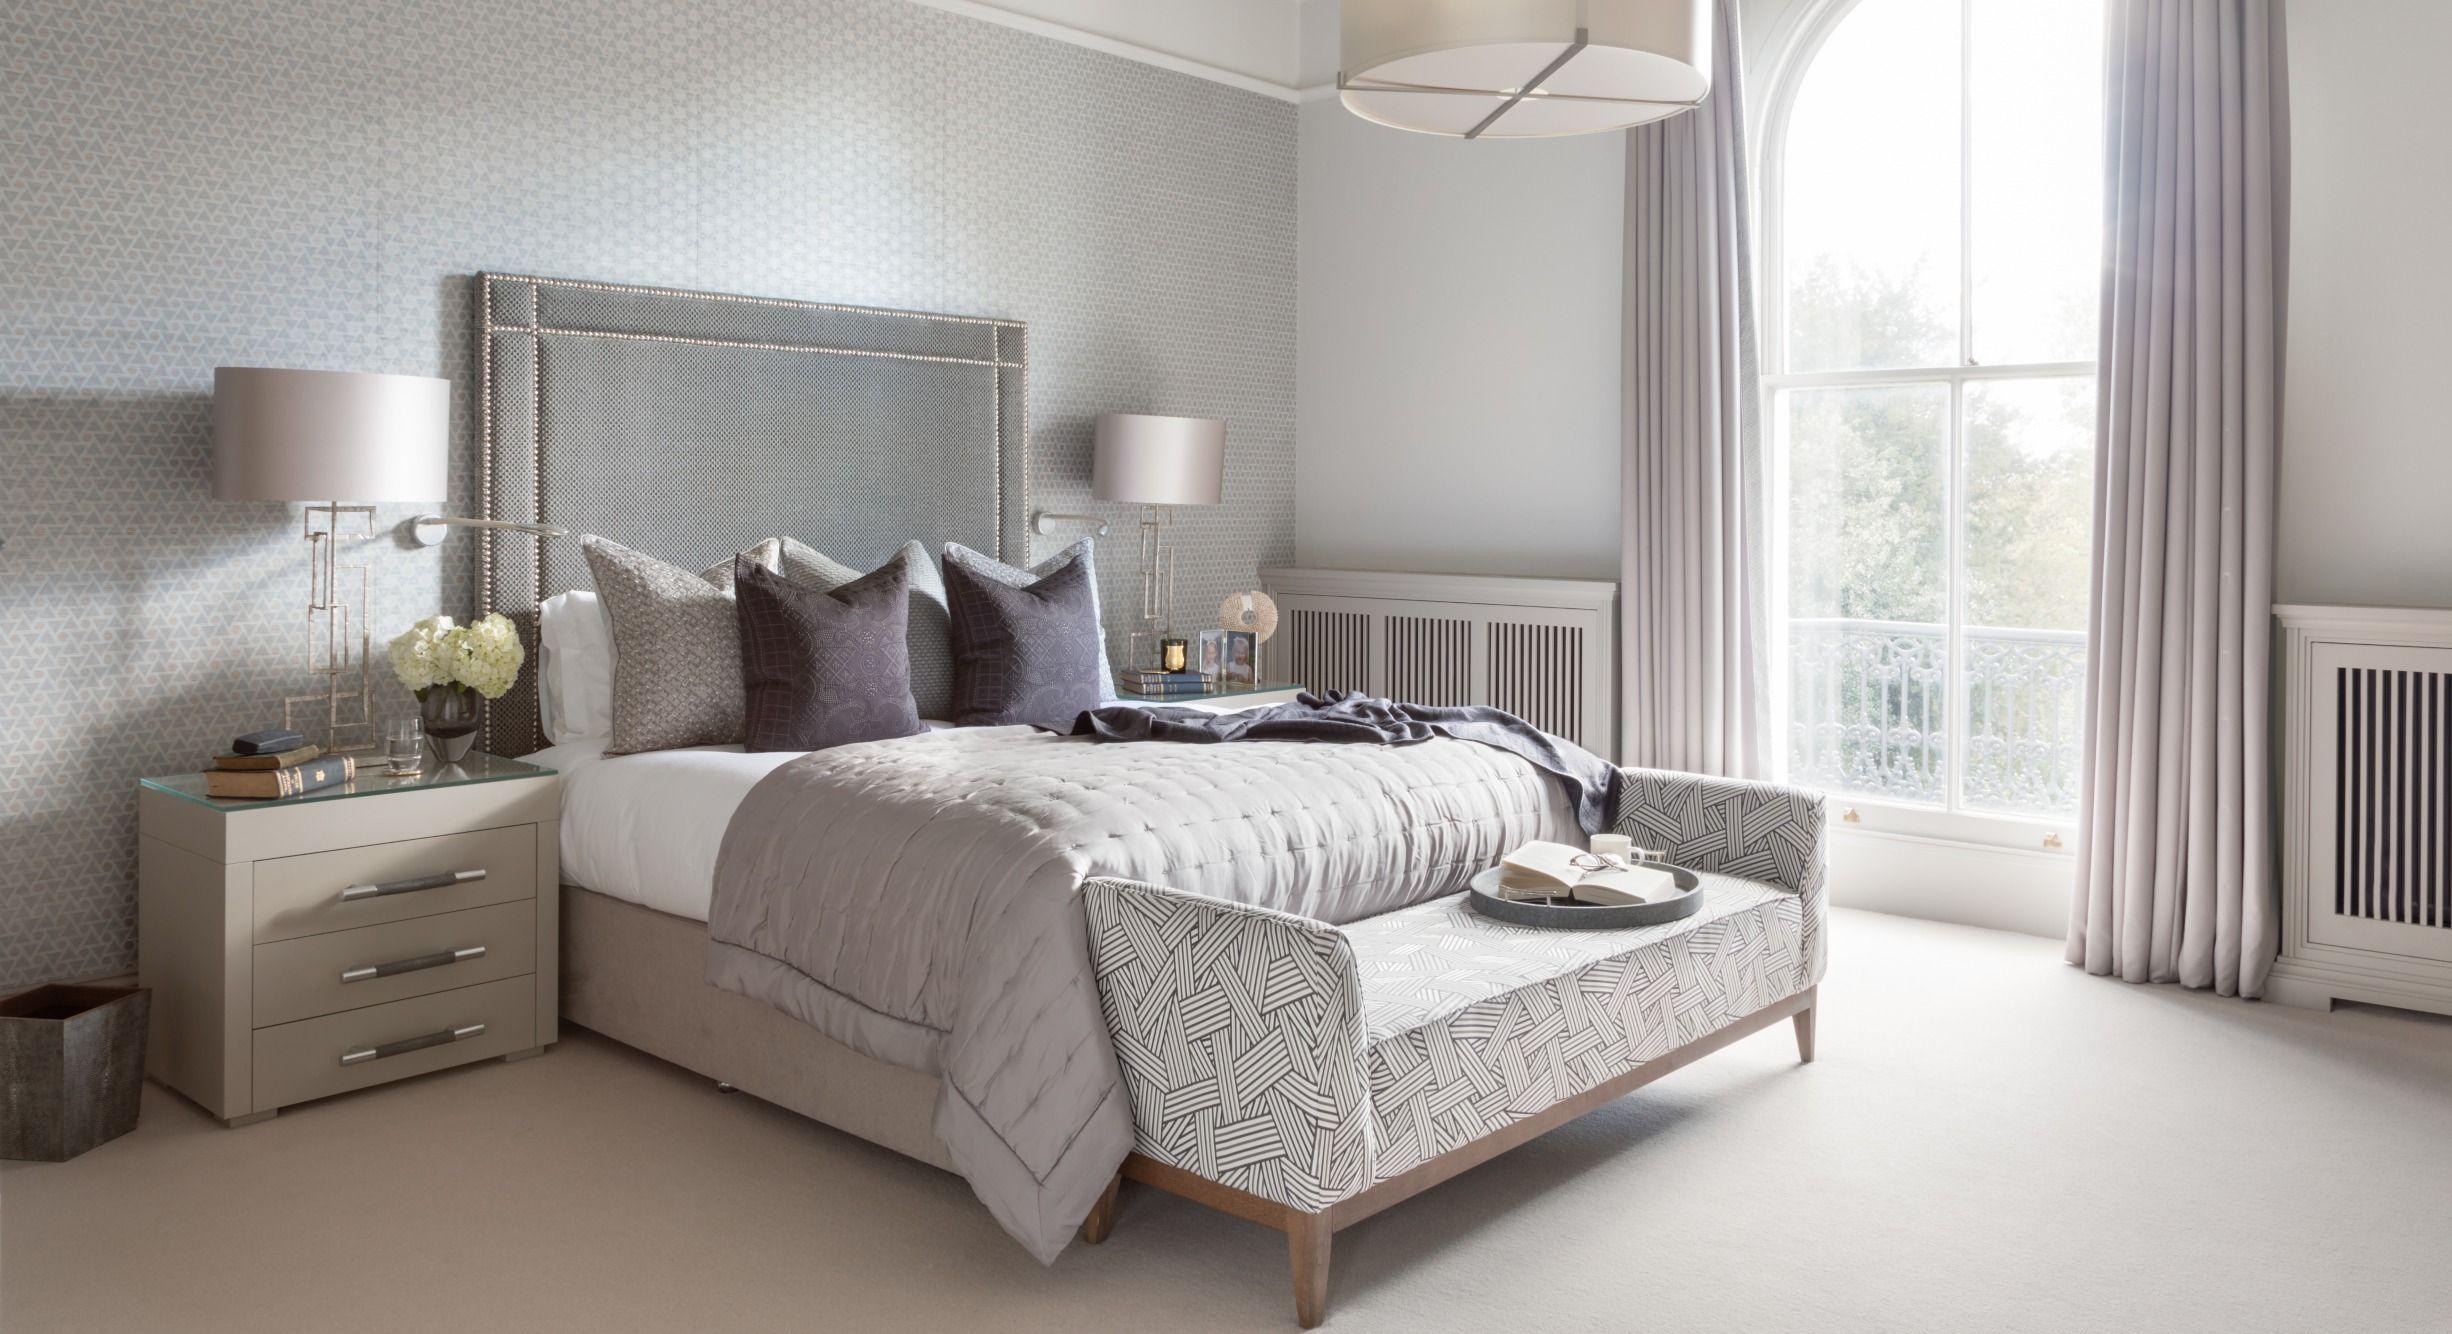 Neutral Bedroom Colour Ideas Neutral Color Bedroom Neutral Bedrooms Bedroom Colors